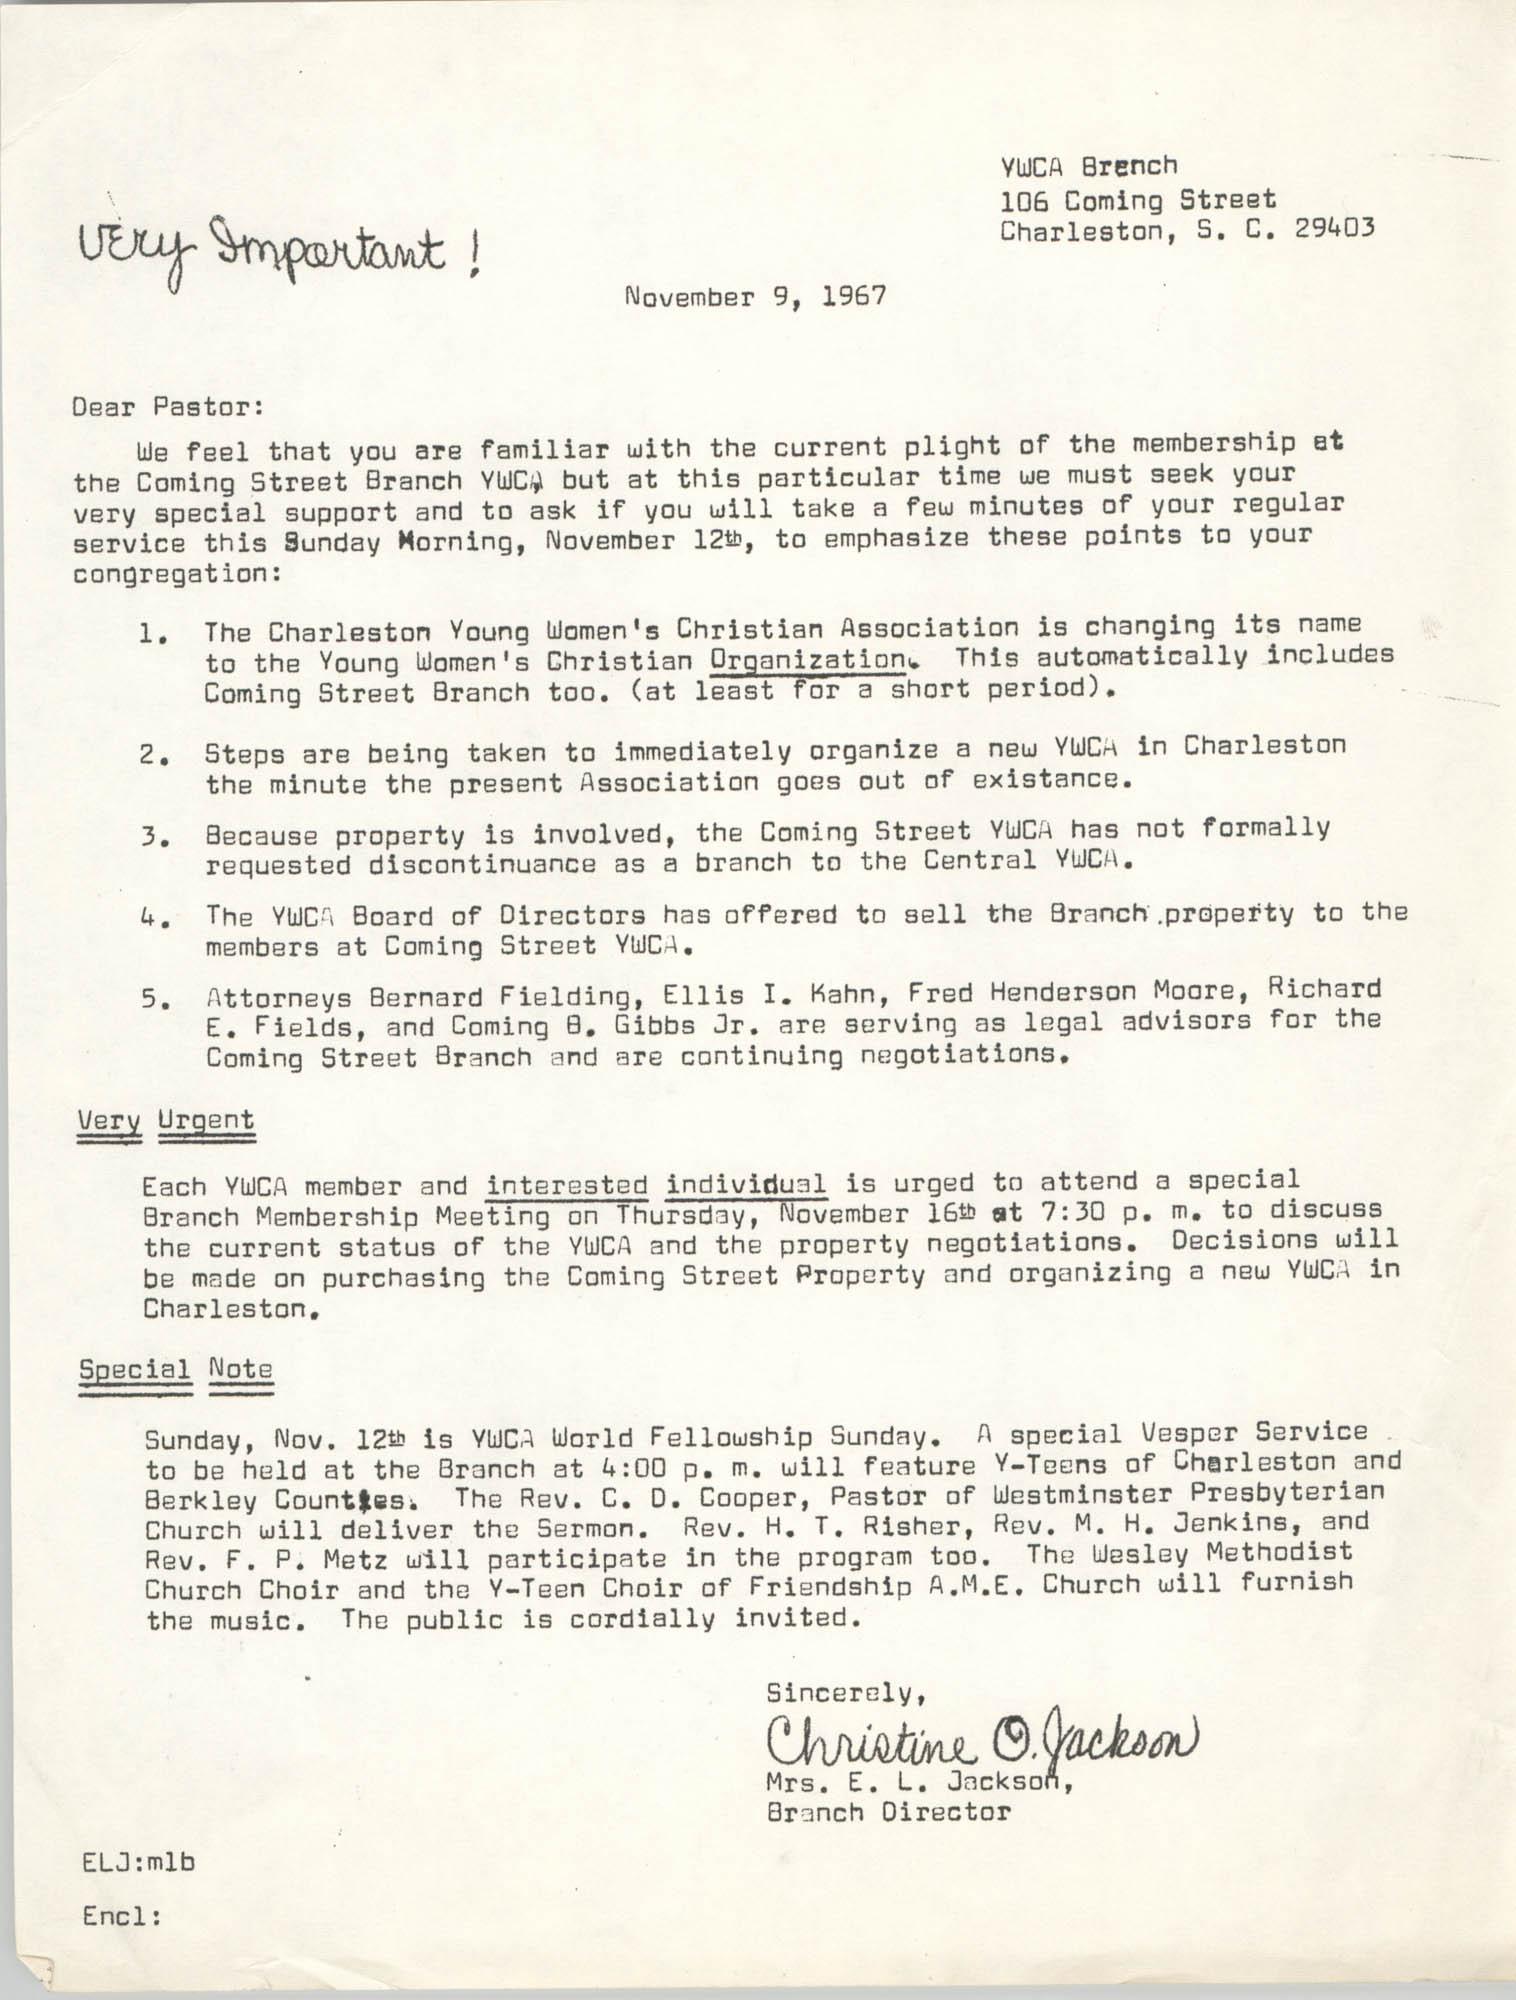 Letter from Christine O. Jackson, November 9, 1967